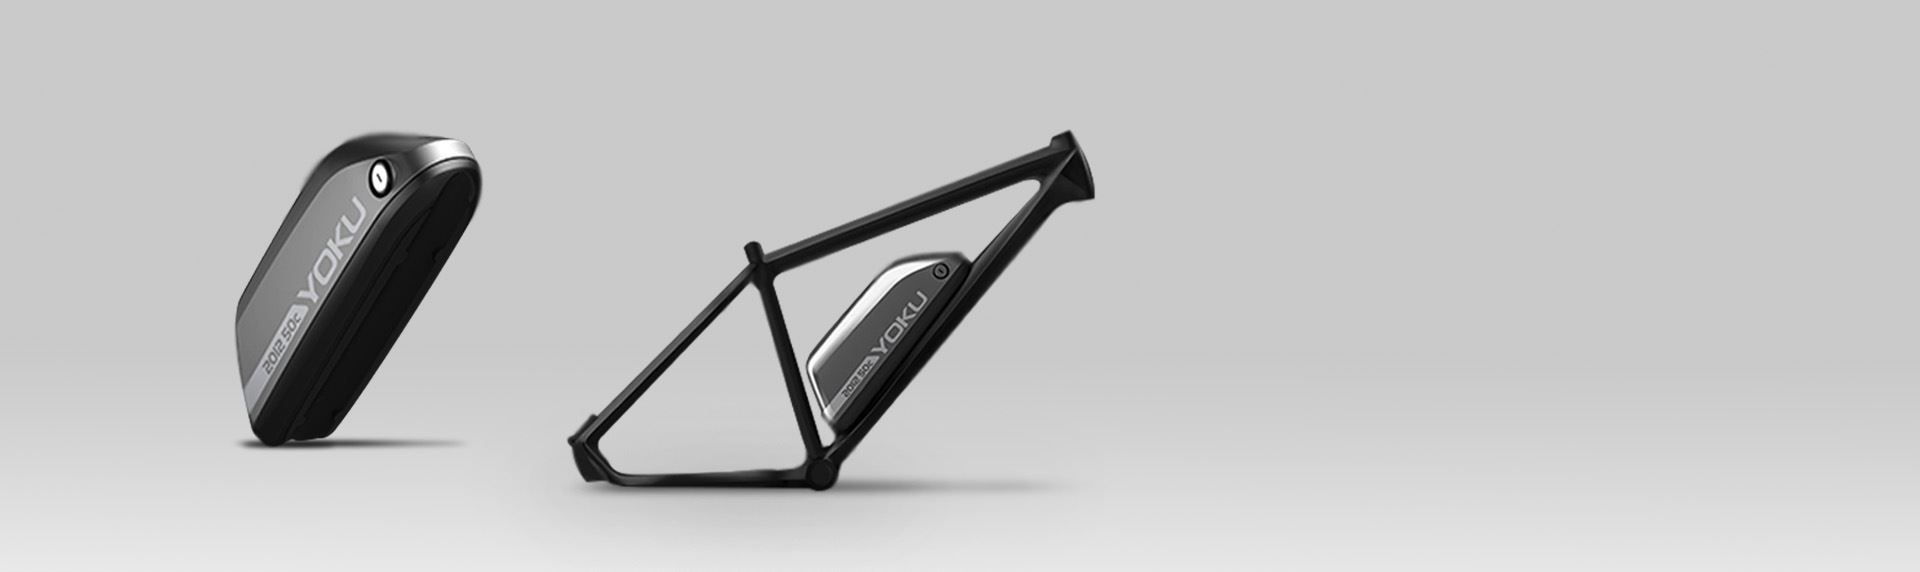 欧意设计-山地款锂电池